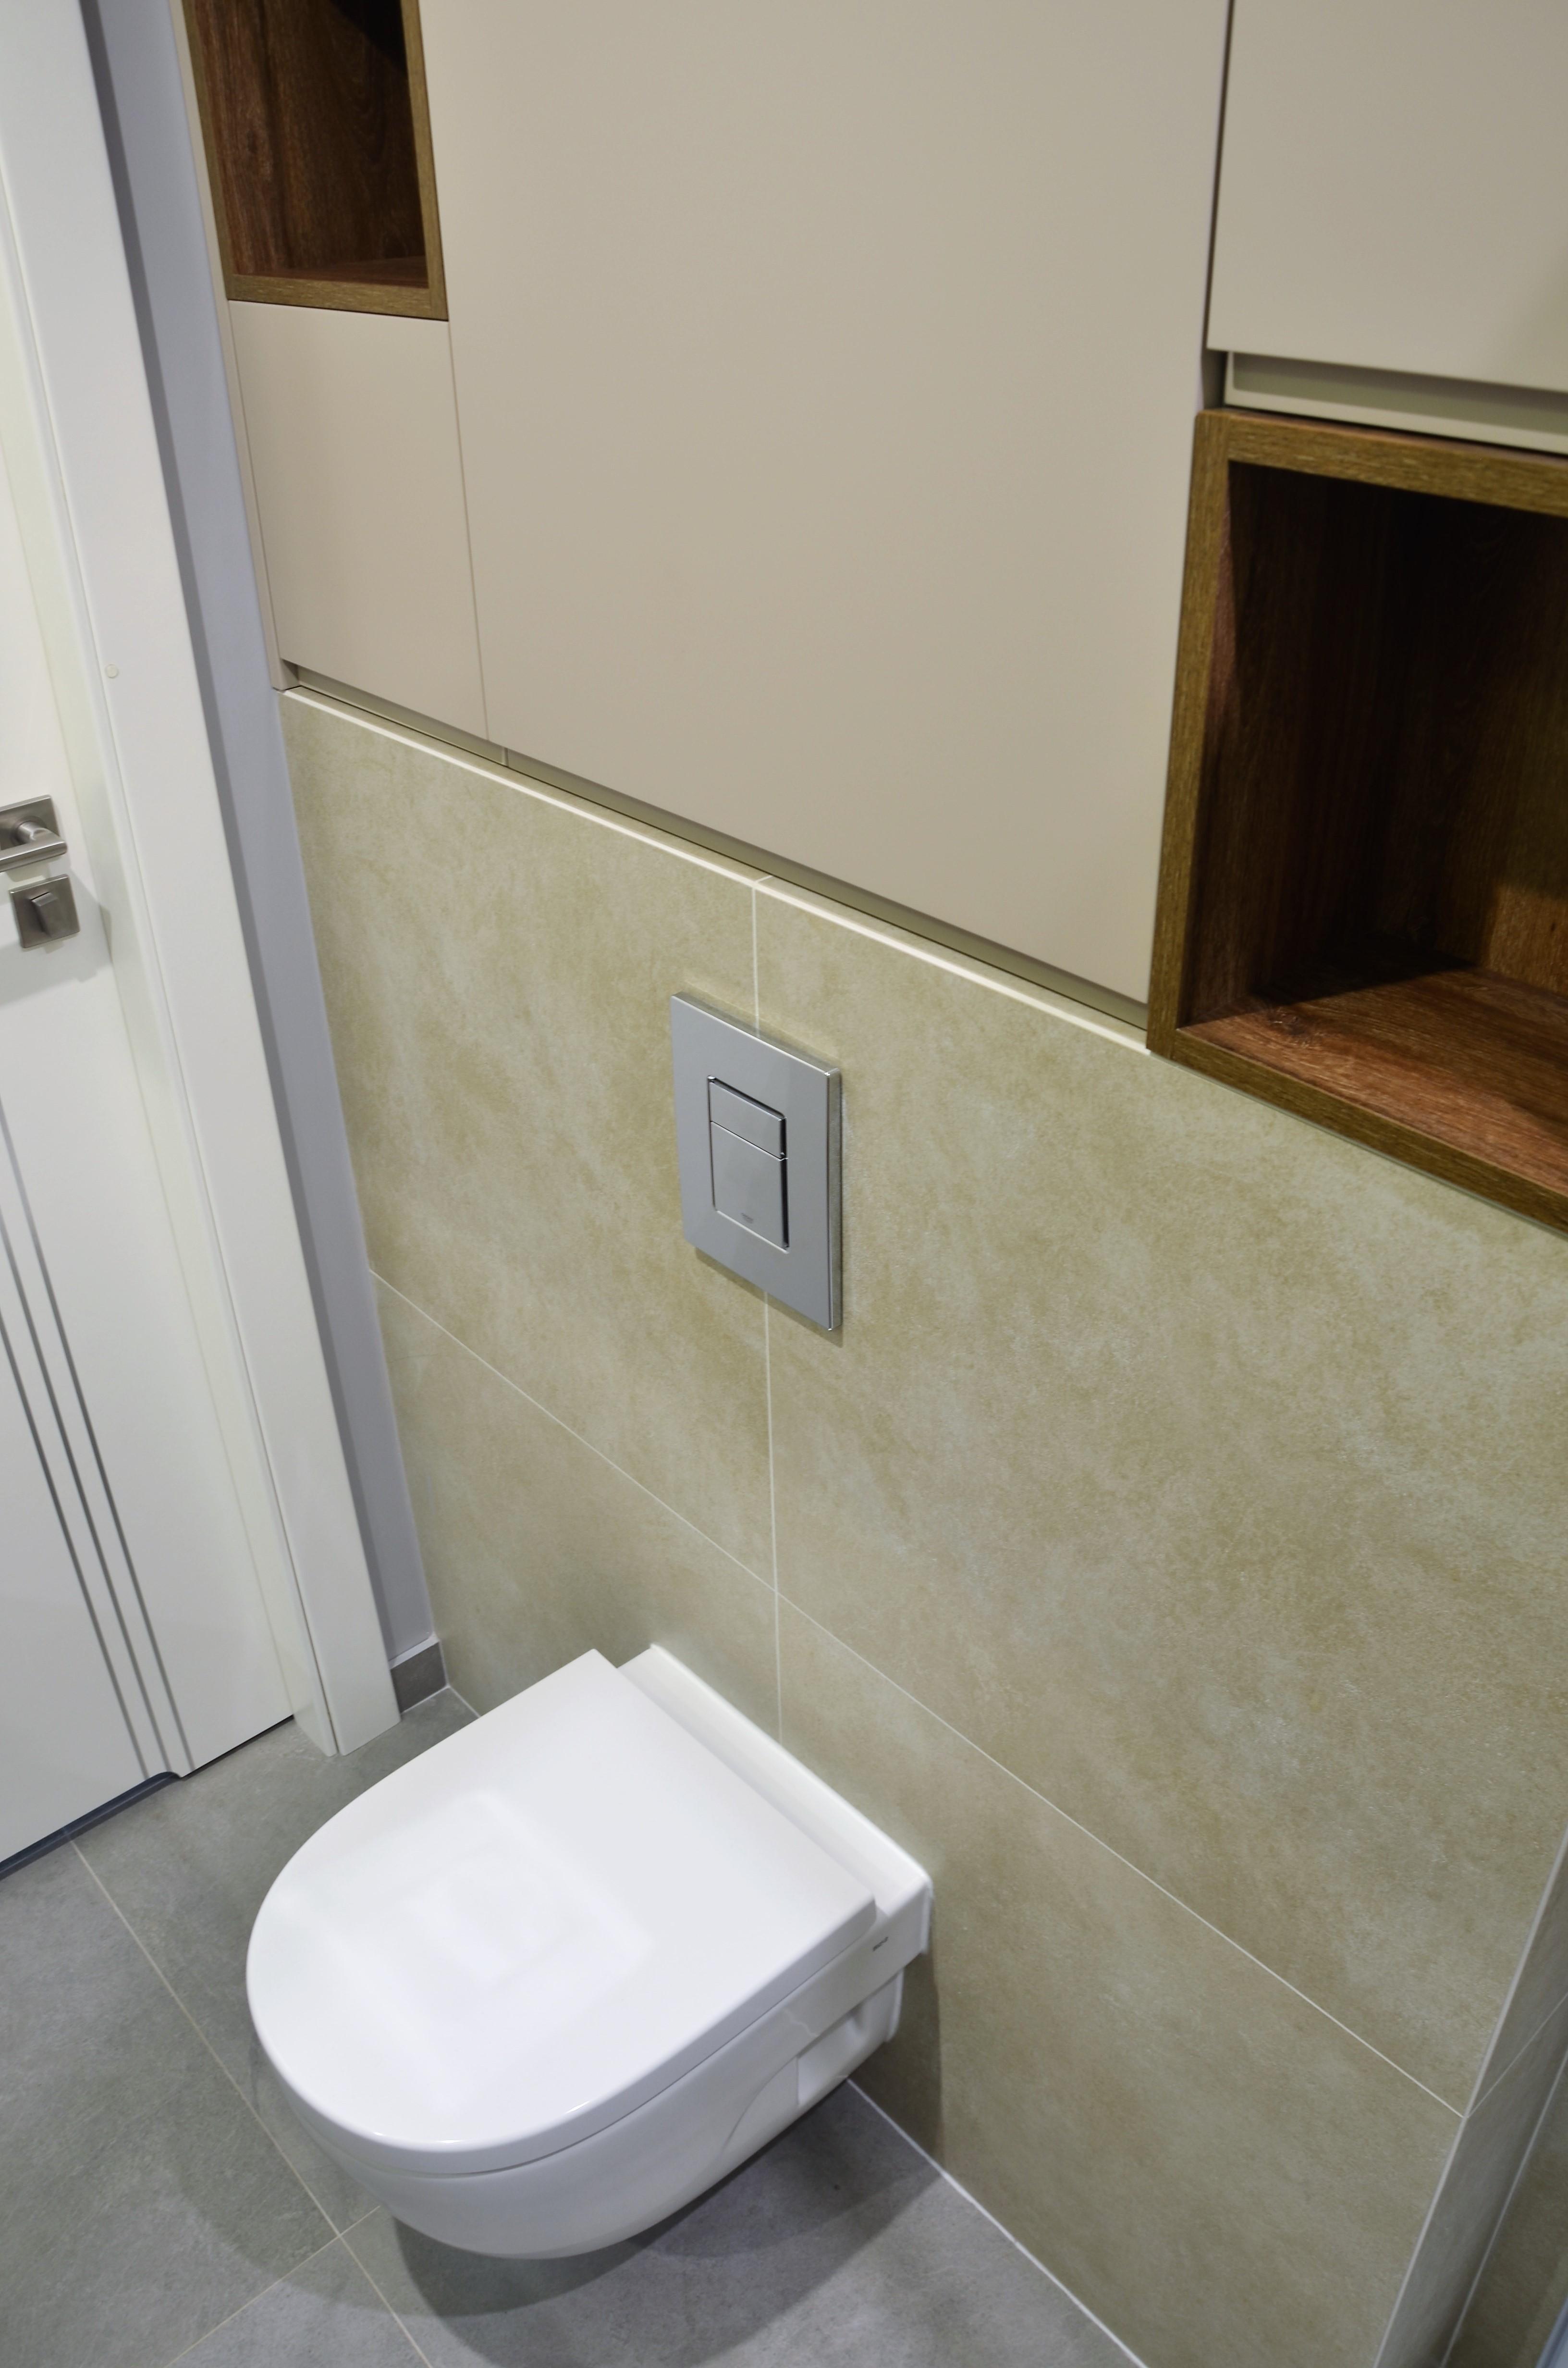 Aranżacja małej łazienki 2